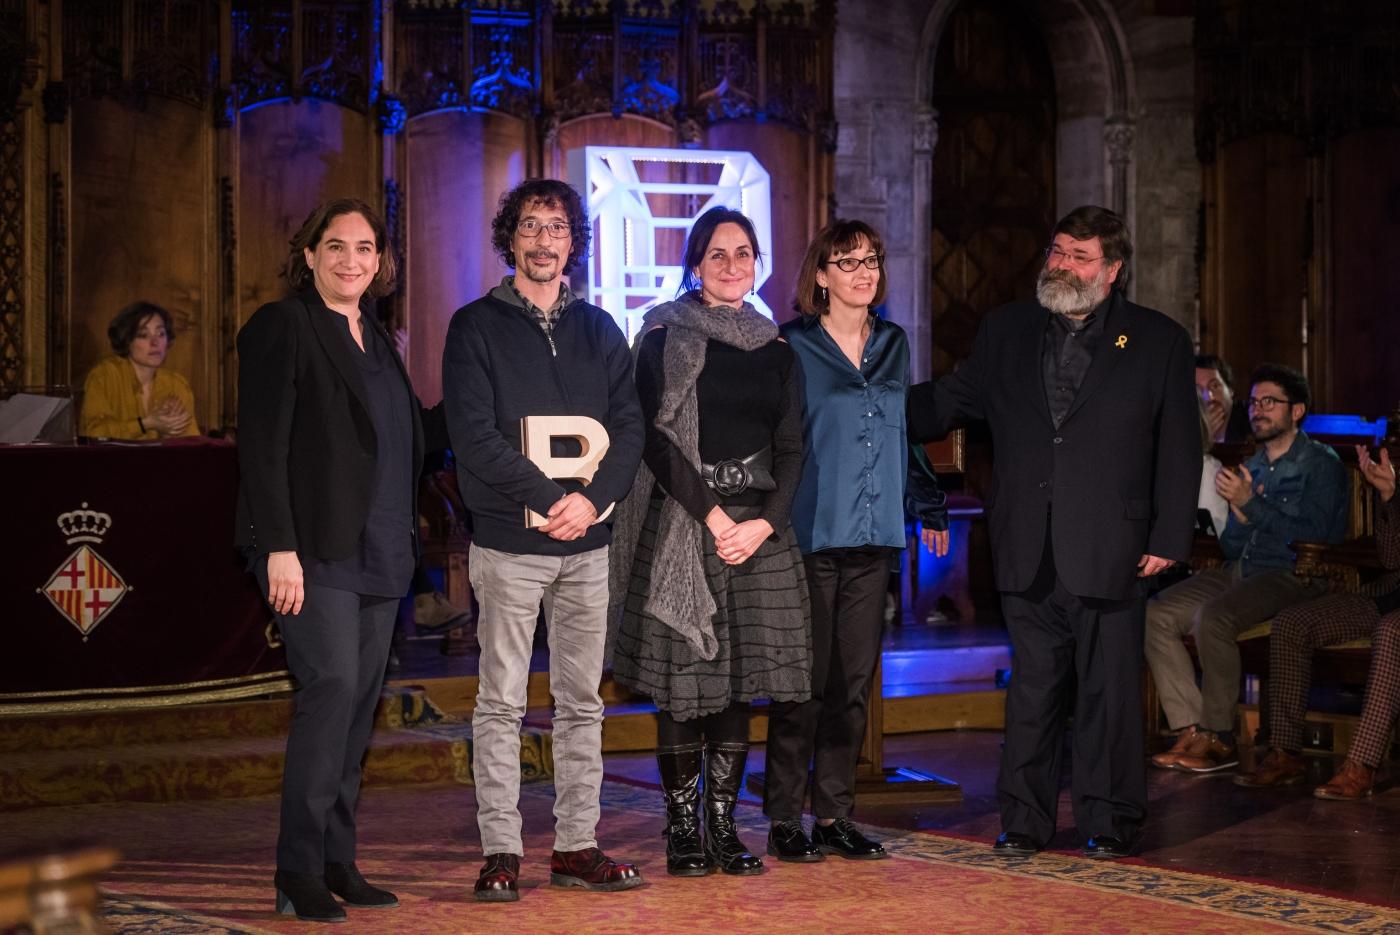 Associació de Festes de la Plaça Nova - Premi Ciutat de Barcelona de Cultura popular 2017